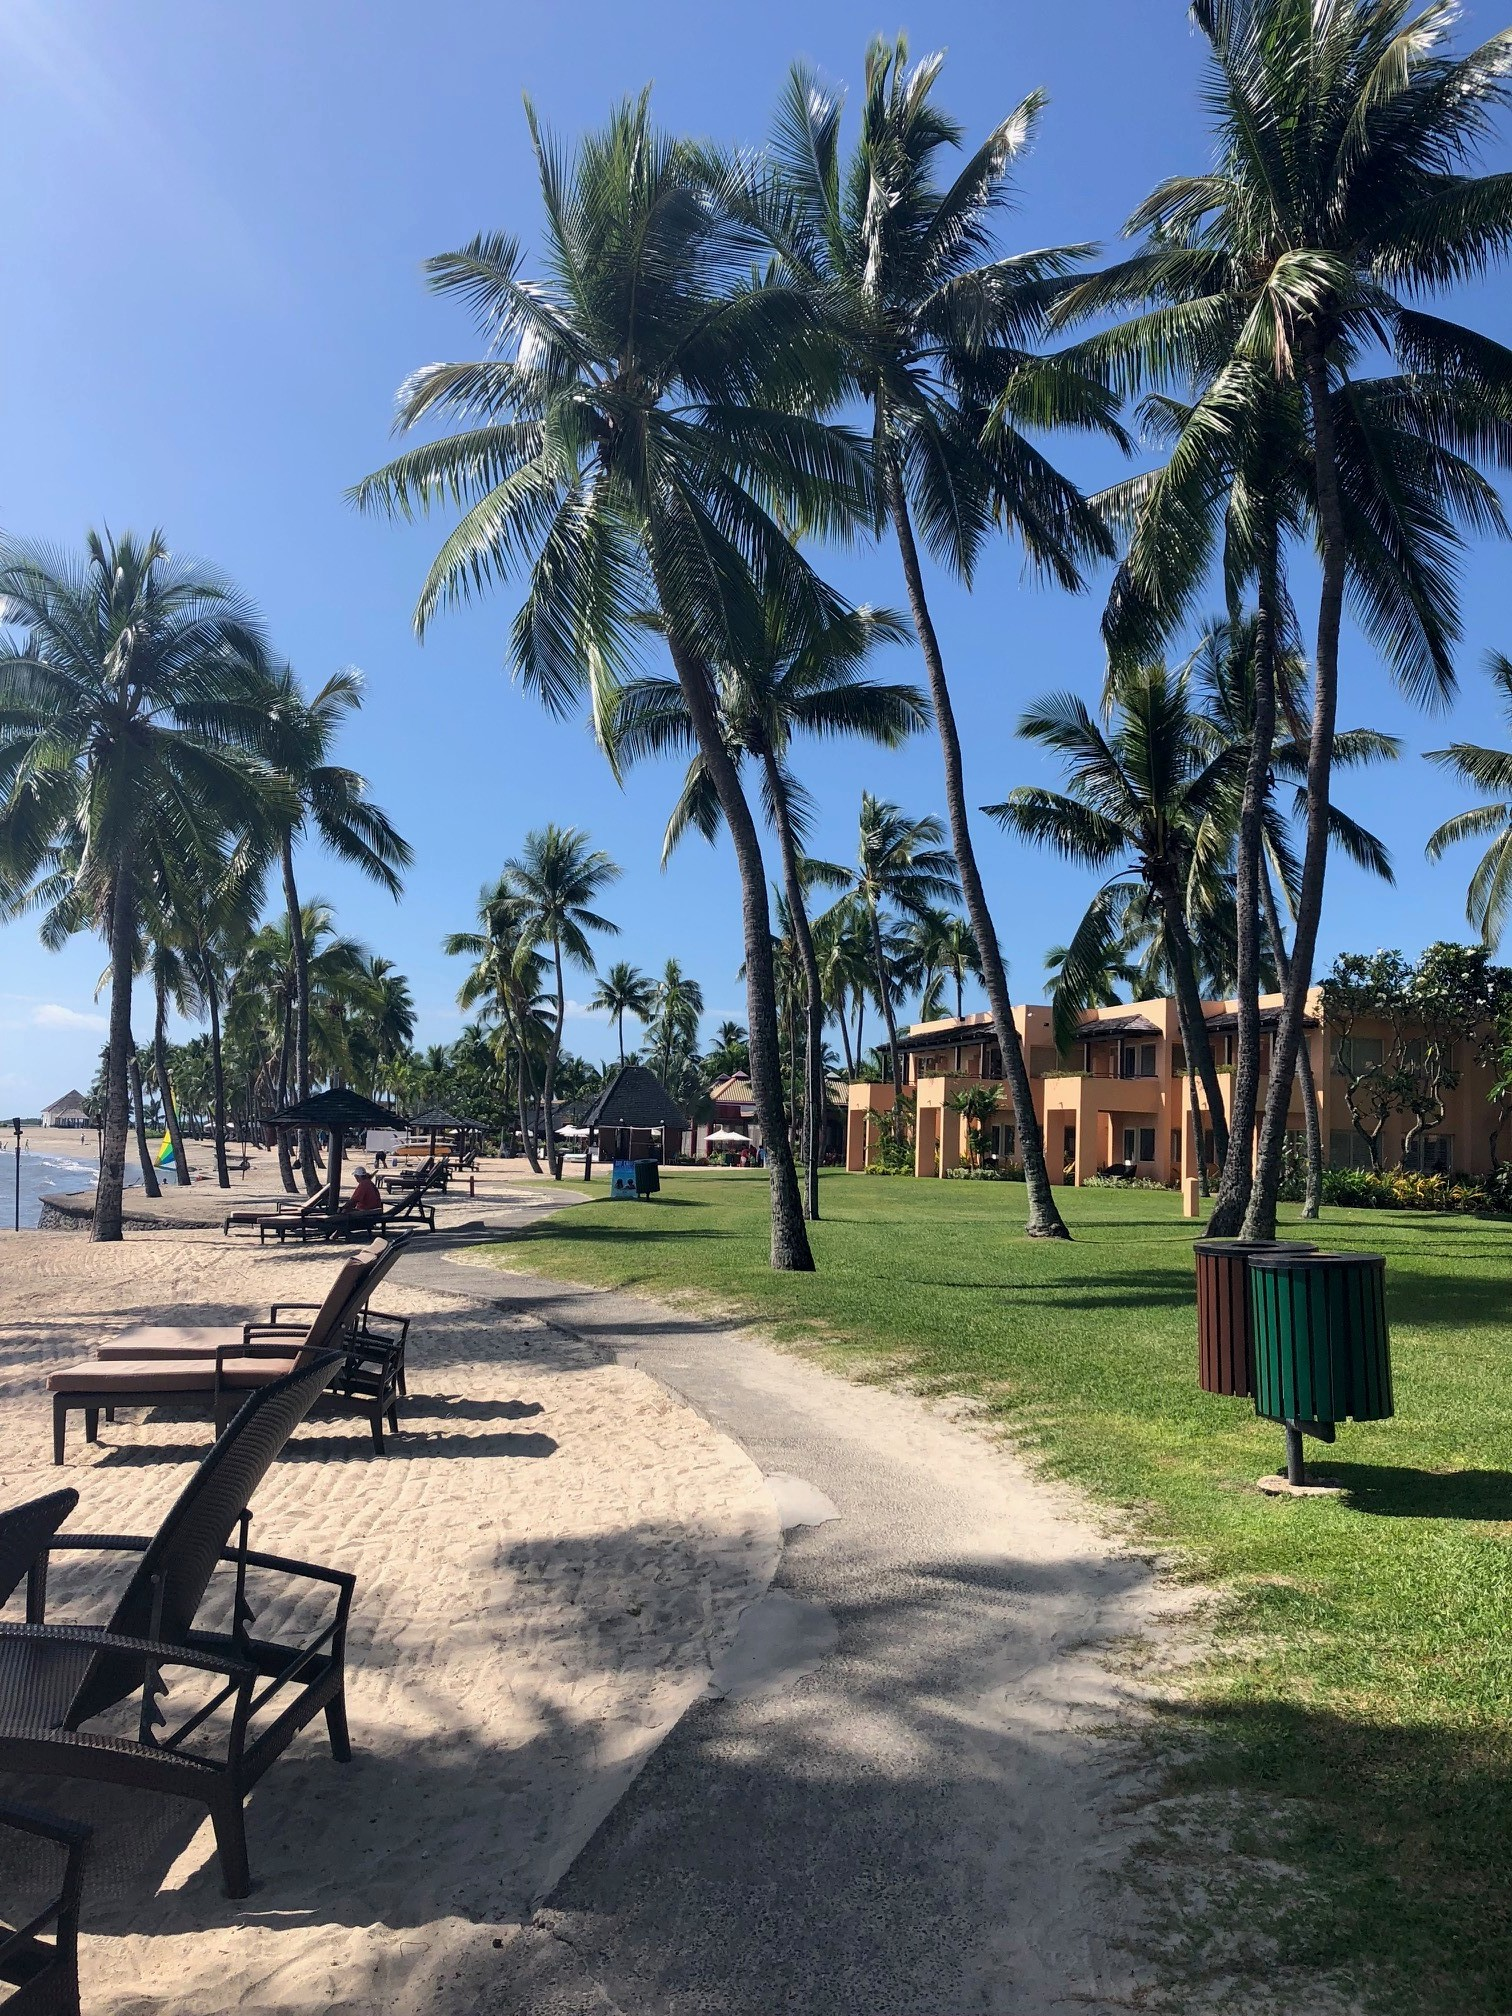 The beach at the Sheraton Denarau